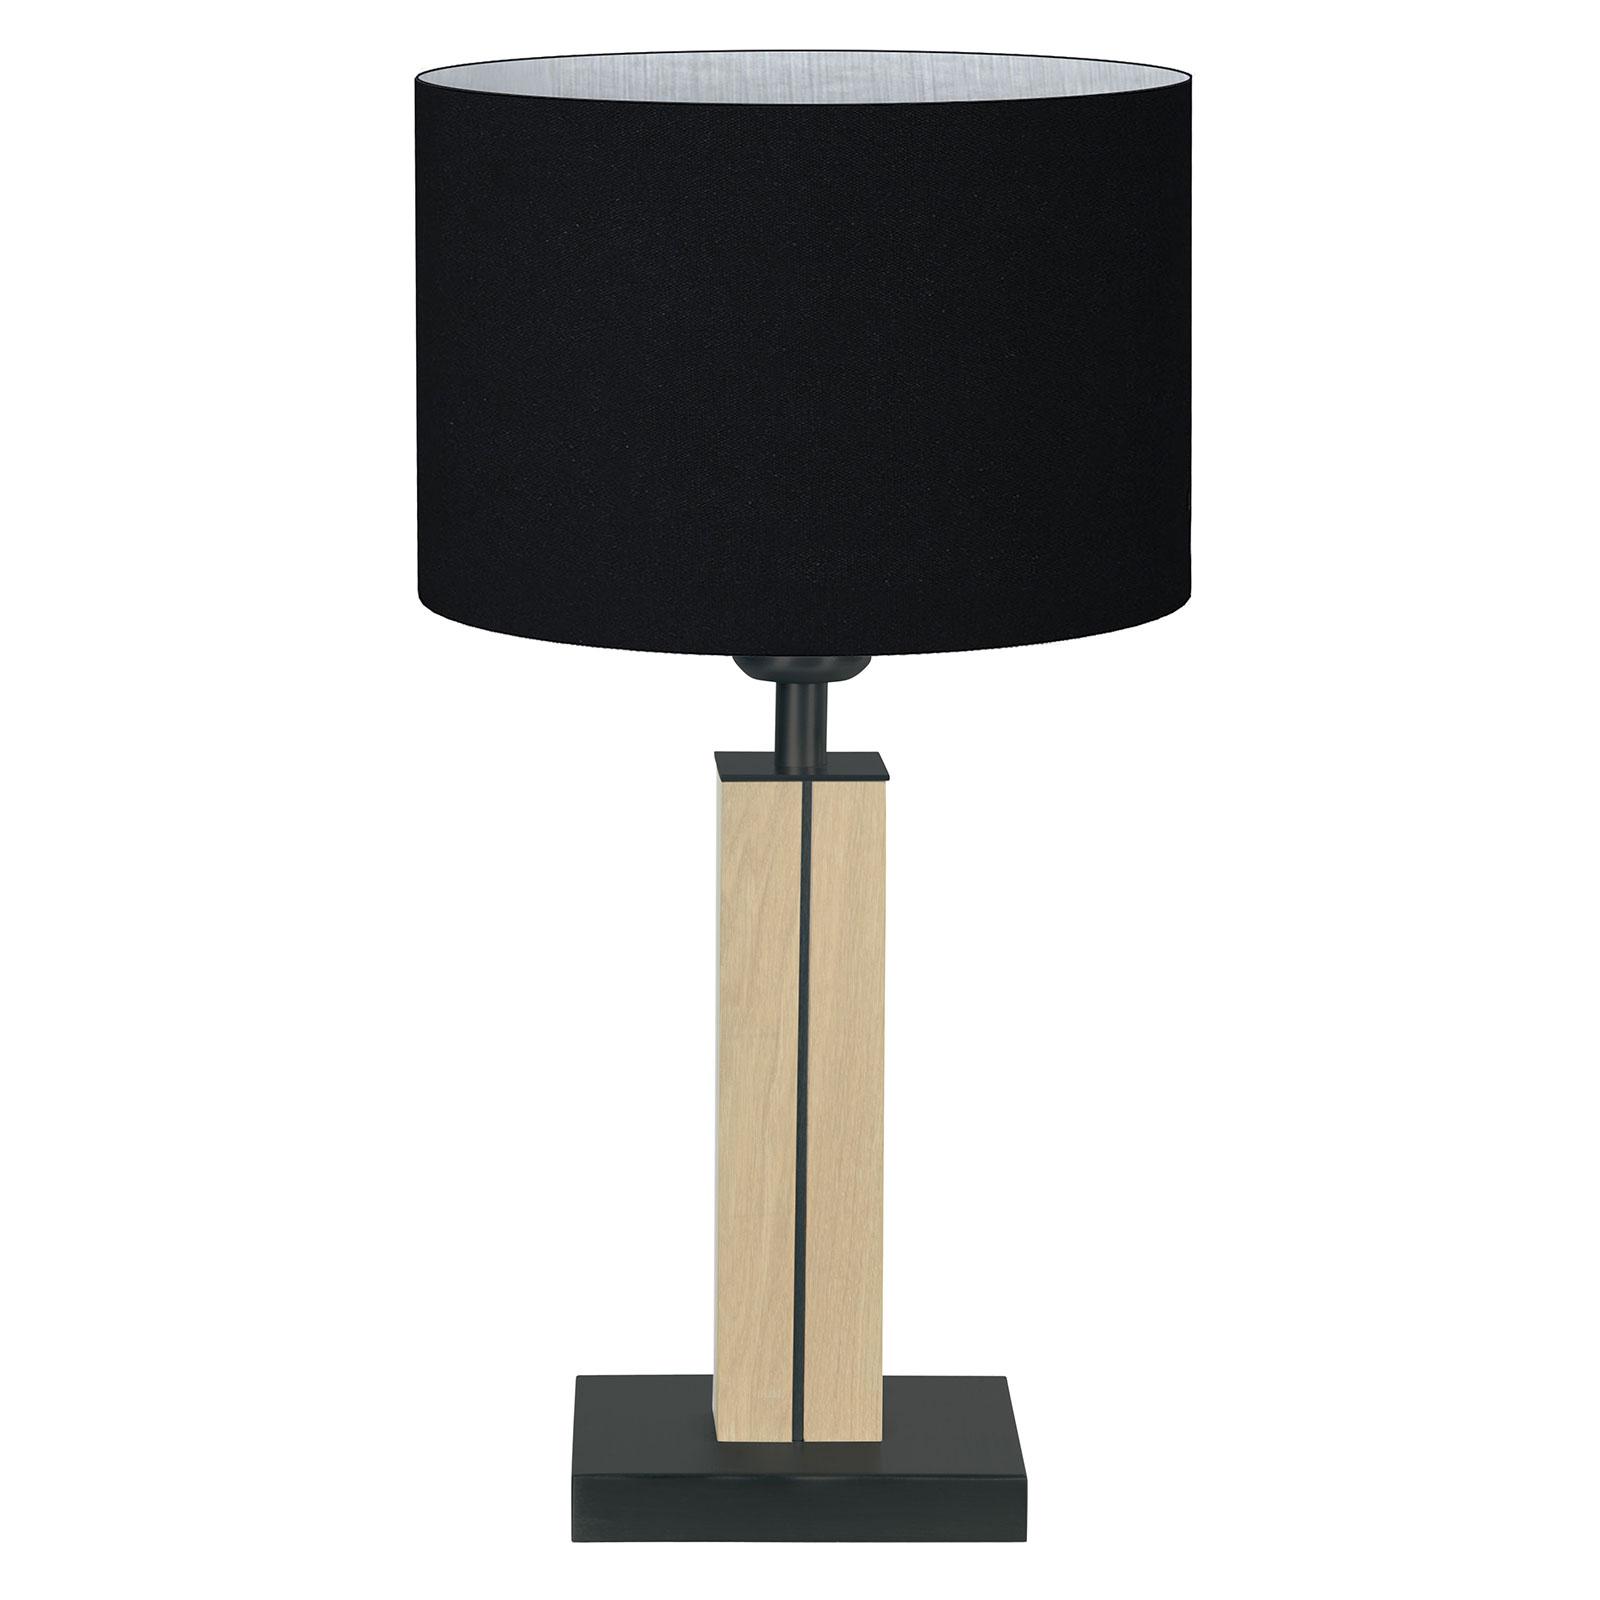 HerzBlut Dana tafellamp eiken natuur, zwart 41cm